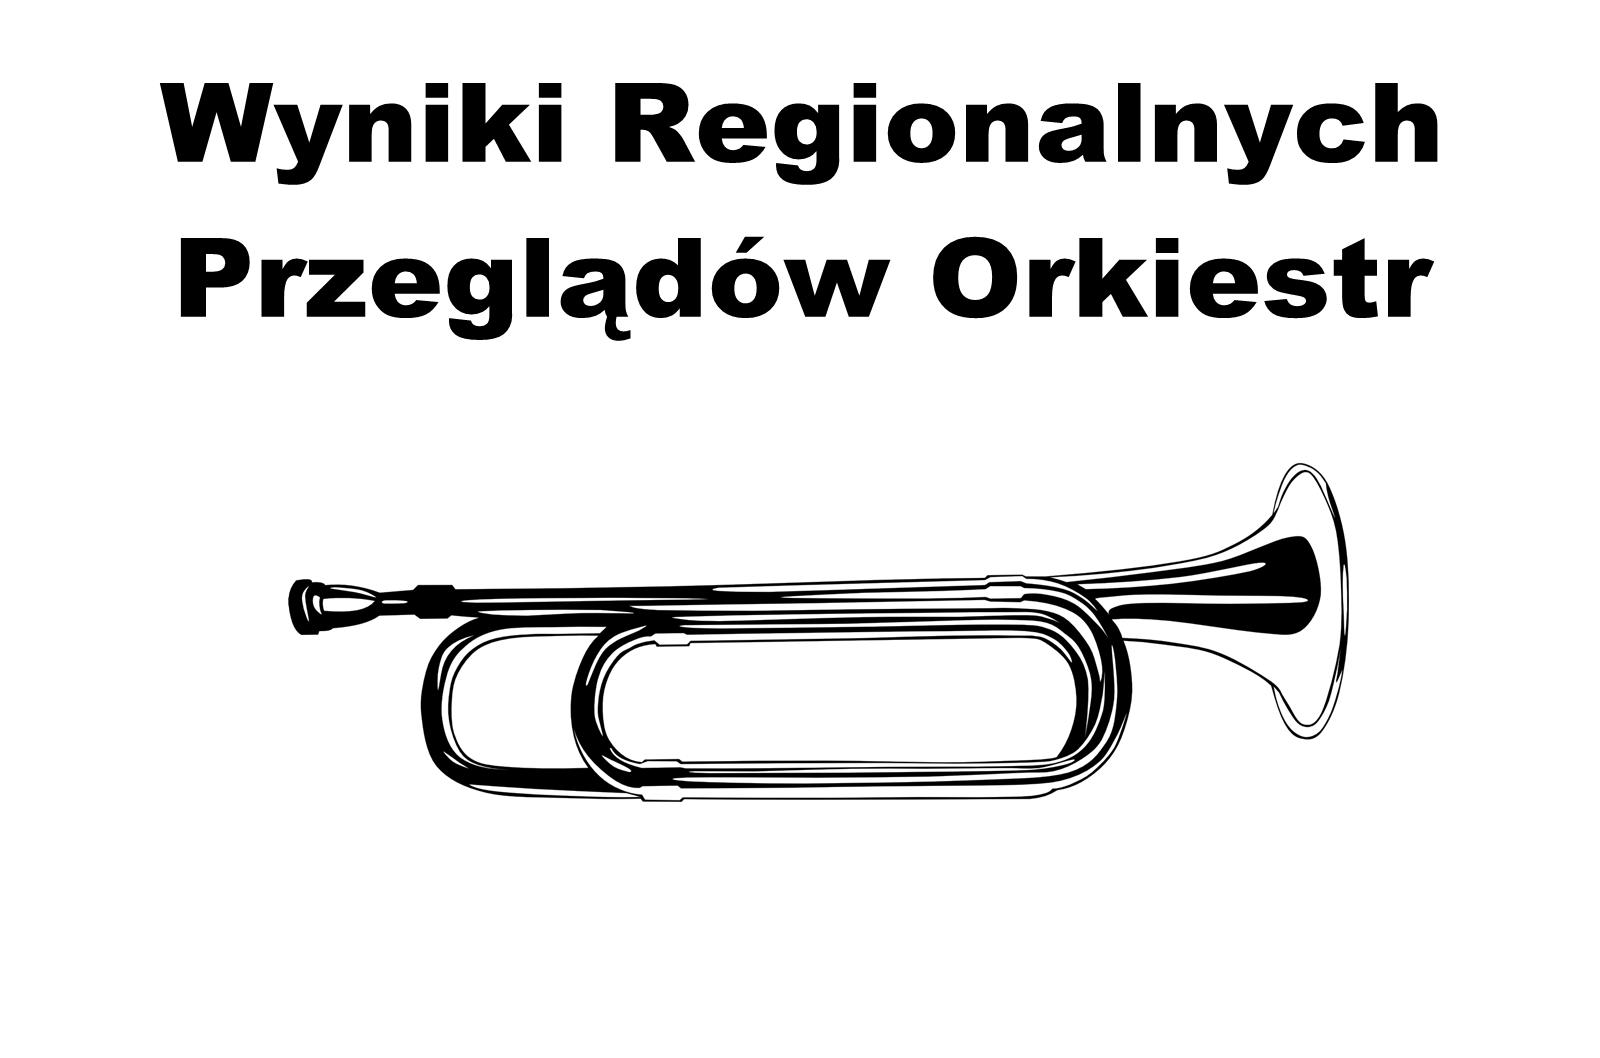 Wyniki Regionalnych Przeglądów Orkiestr